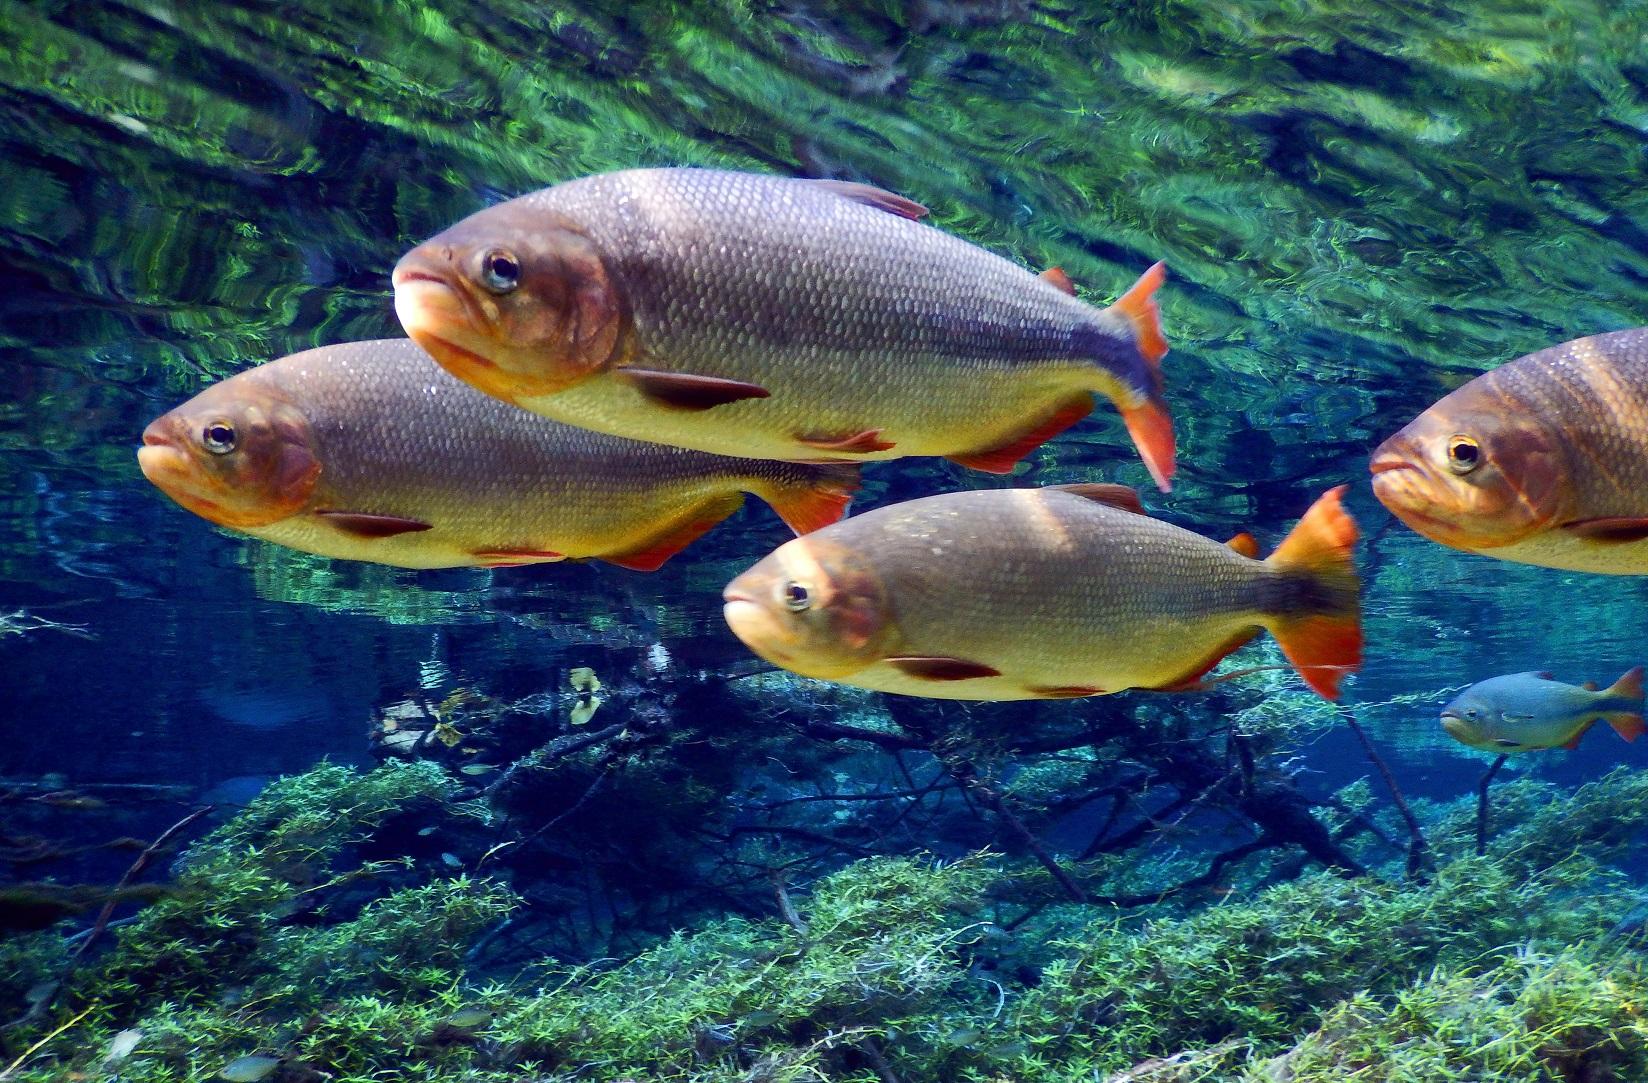 Piraputangas, em Bonito, no Mato Grosso do Sul. Cerca de um terço dos peixes pescados no Brasil são de água doce. Foto José Sabino/BPBES